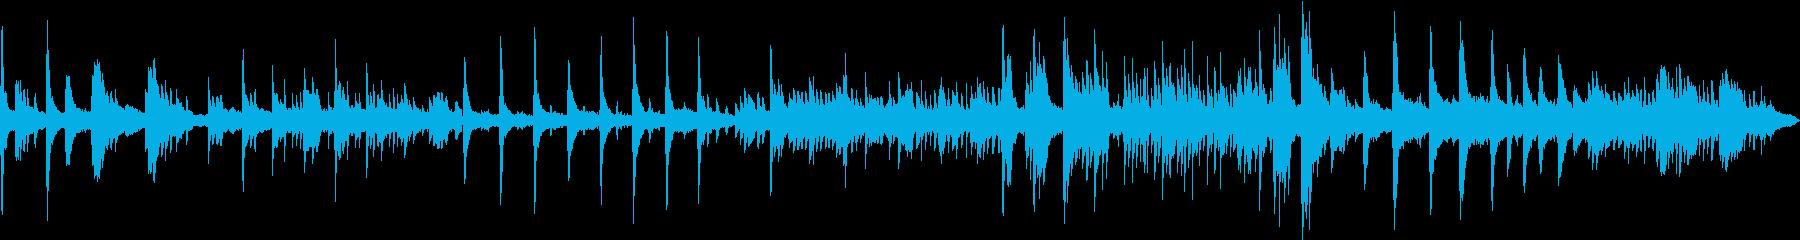 ピアノメインのヒーリングBGMの再生済みの波形